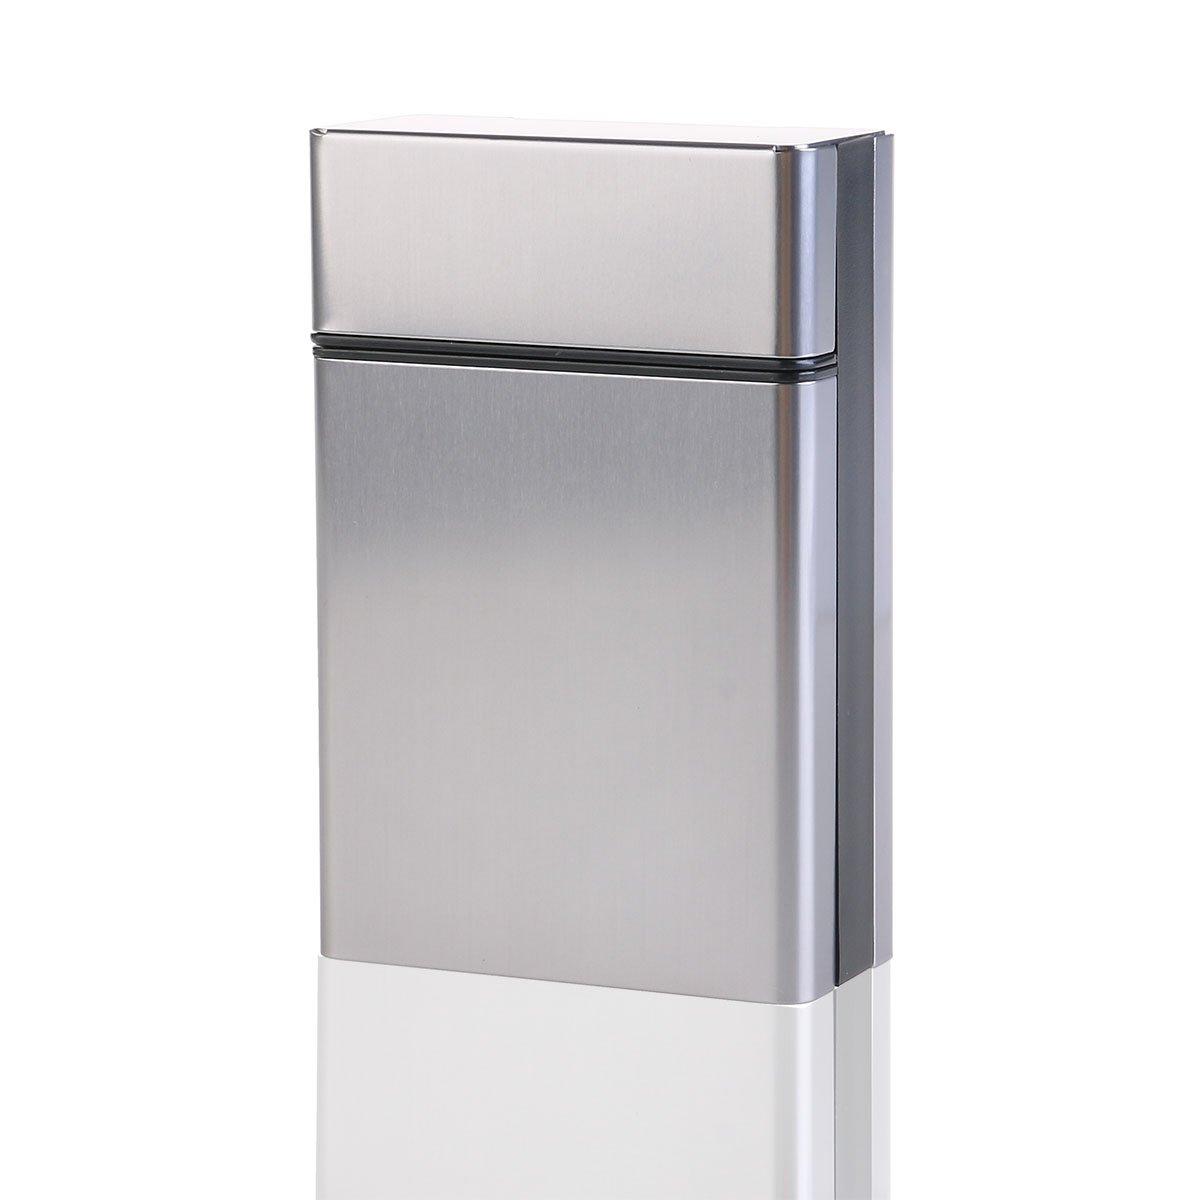 OULII Portasigarette in alluminio sigaretta scatola portasigarette (grigio) coperchio di protezione